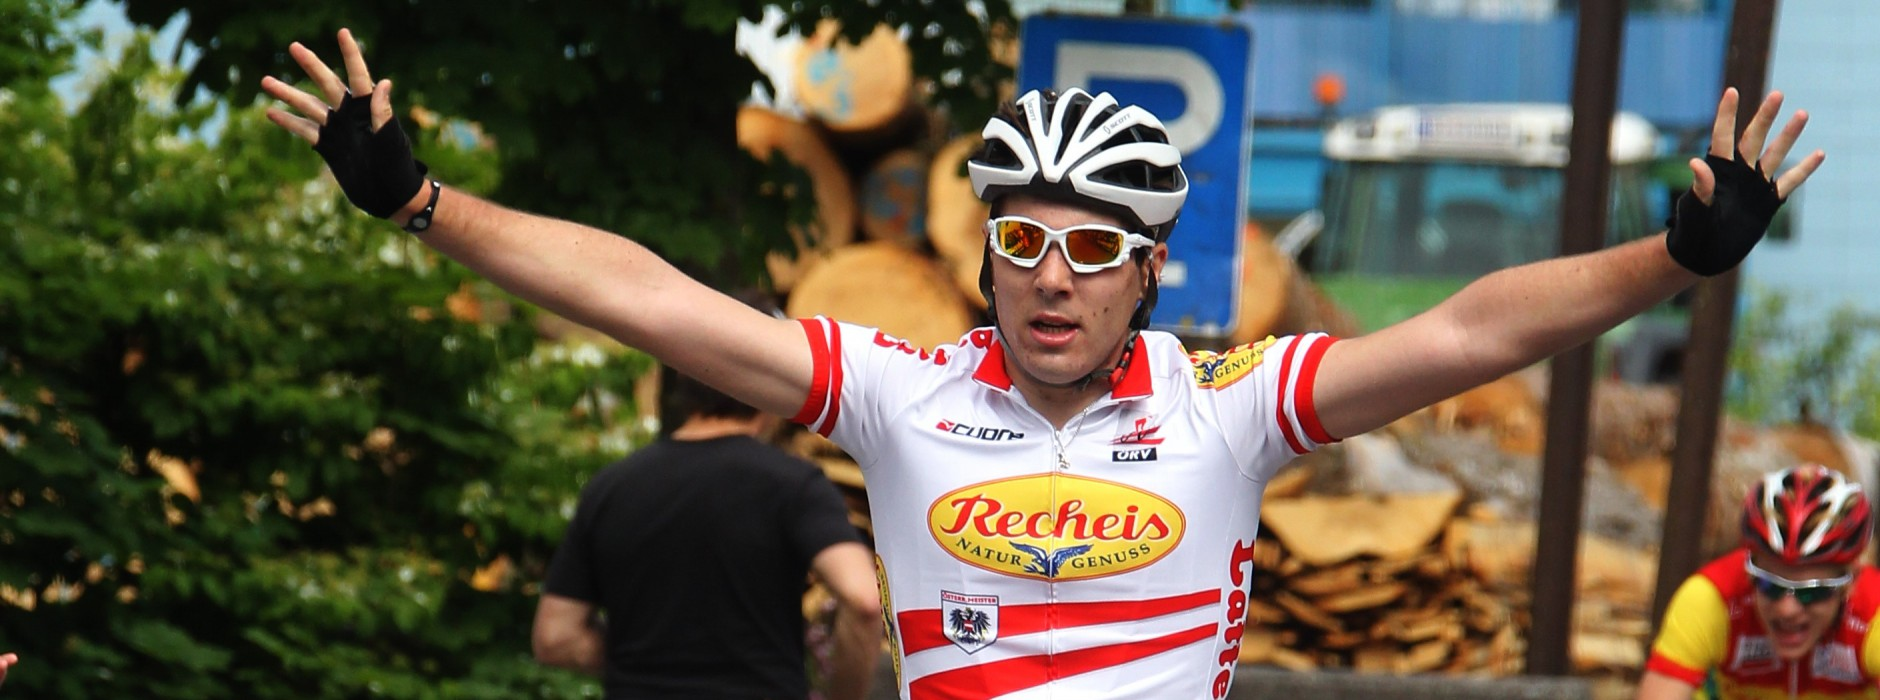 Dennis Wauch